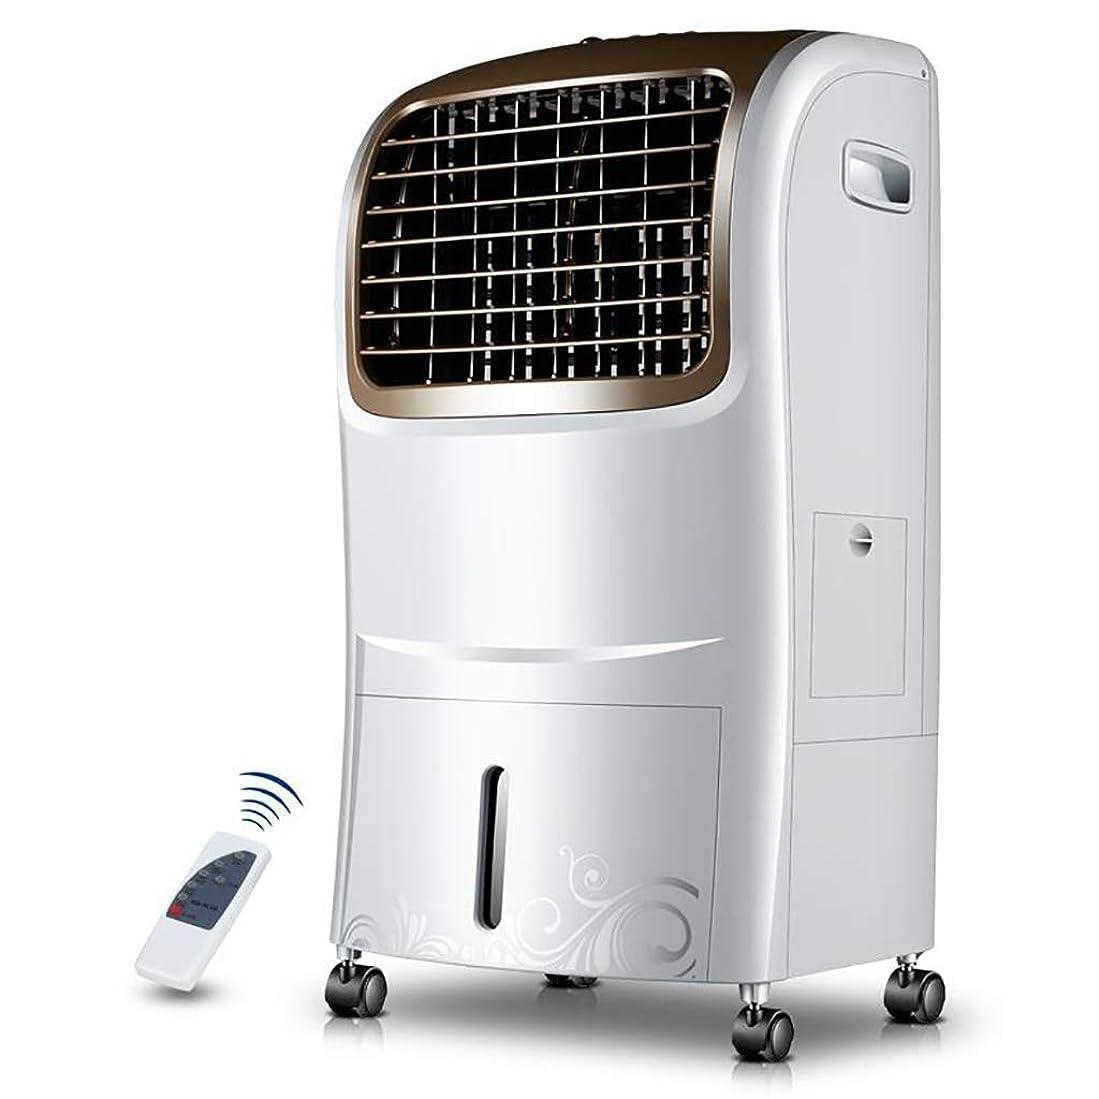 幻想的ワイヤー全体リモートコントロール冷蔵庫付き携帯用エアコンポータブルエアコンファンインテリジェントタイミング空気清浄機10L大型タンク加湿器、3風タイプ、3風速